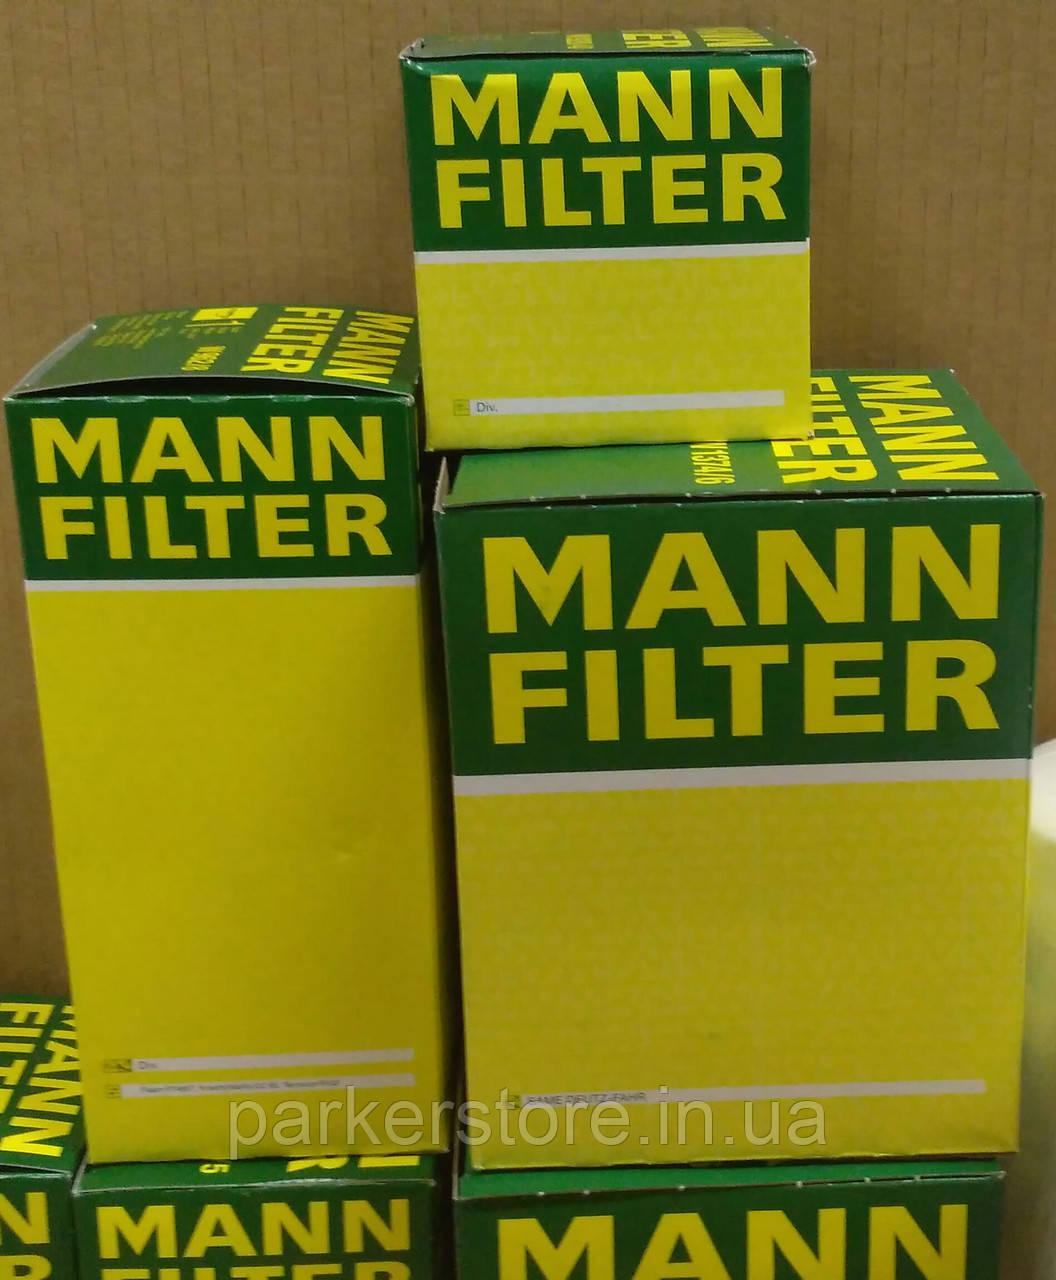 MANN FILTER / Воздушный фильтр / C 38 001 / C38001